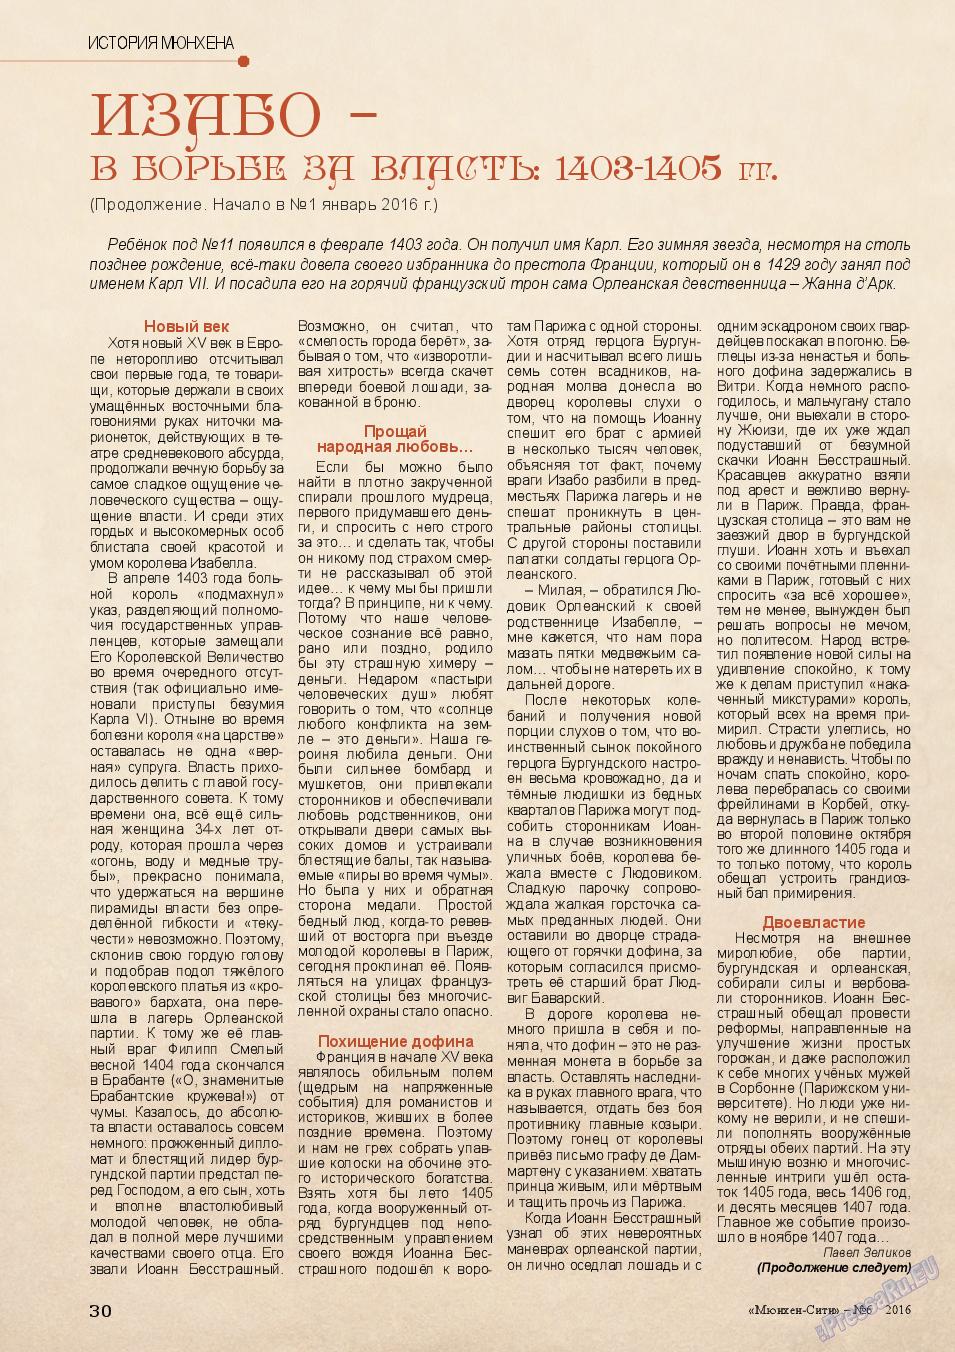 Мюнхен-сити (журнал). 2016 год, номер 6, стр. 30